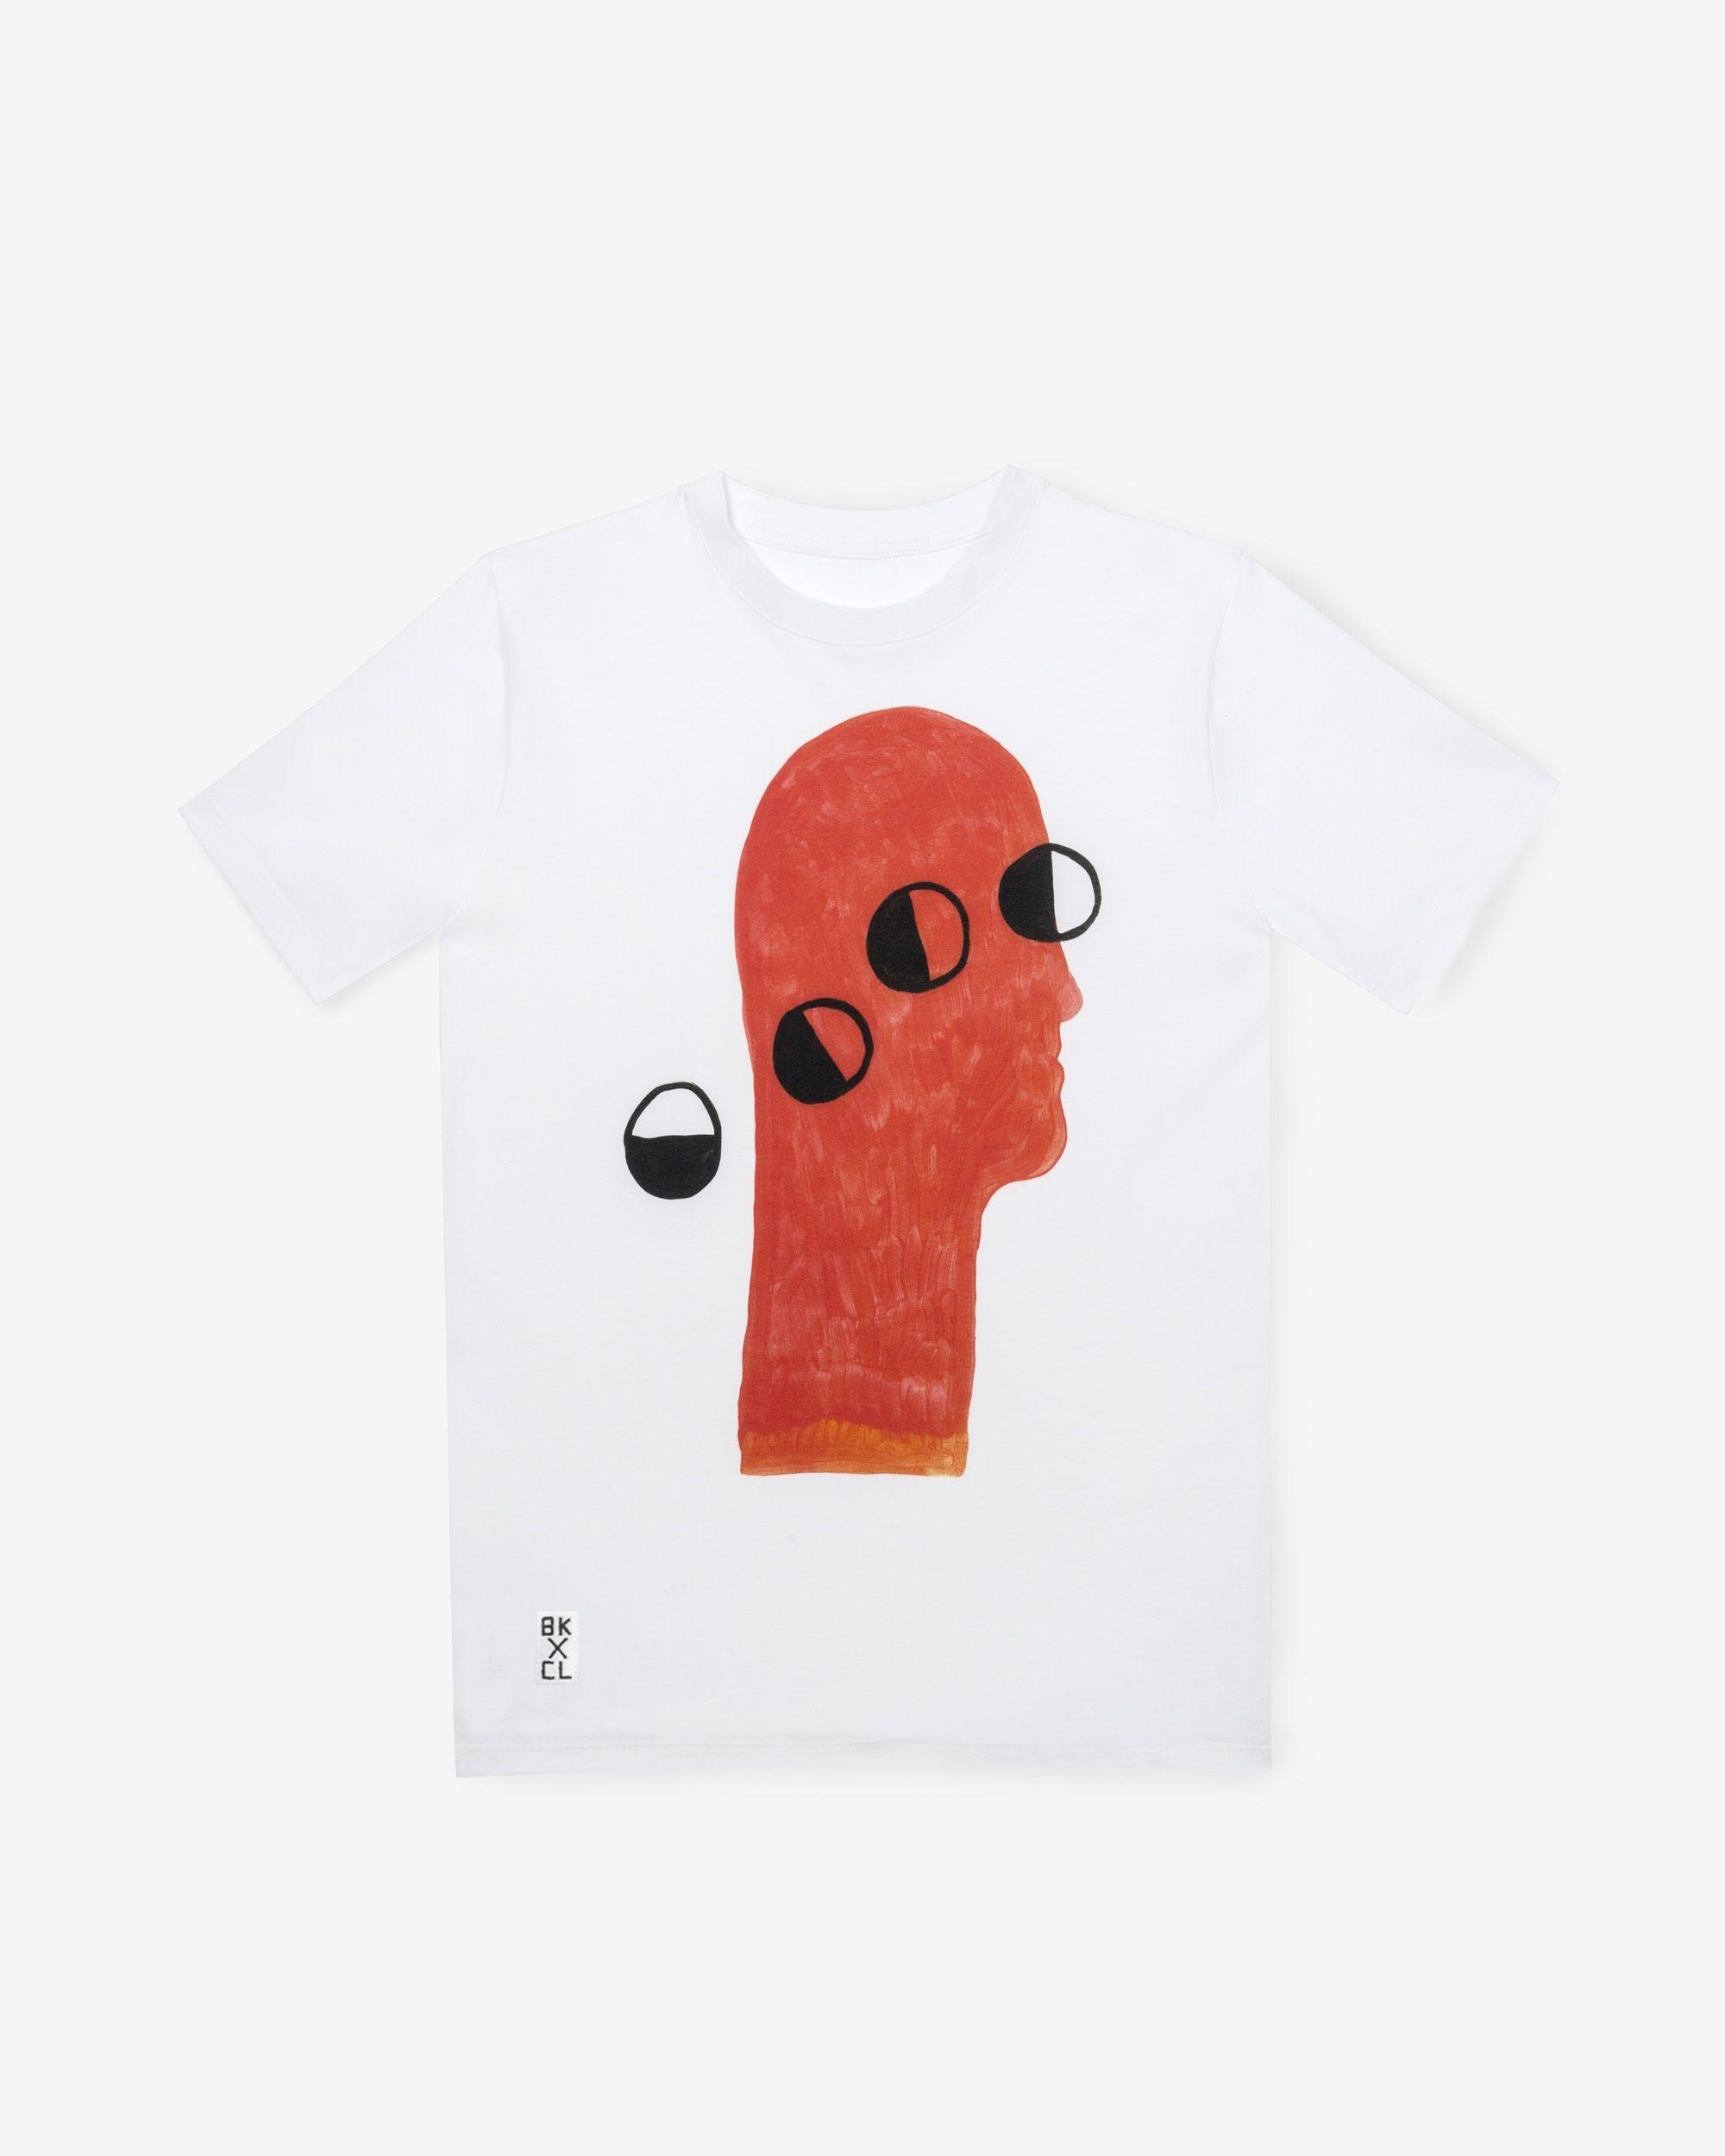 lacroix_30_ans_cl_x_bk_men_teeshirt_head_flatshot_1_1.jpg